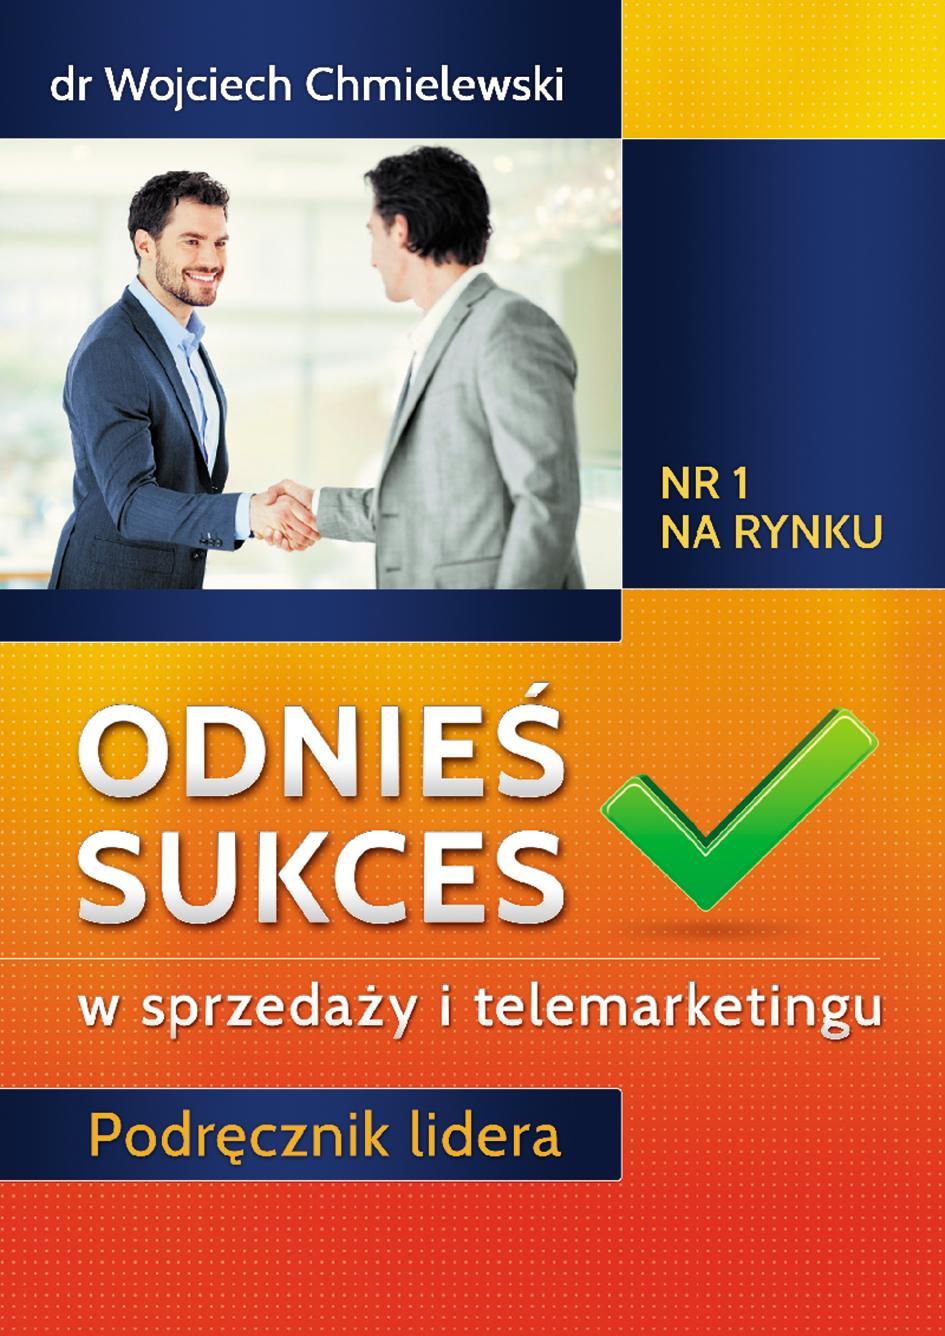 Odnieś sukces w sprzedaży i telemarketingu. Podręcznik lidera - Ebook (Książka na Kindle) do pobrania w formacie MOBI